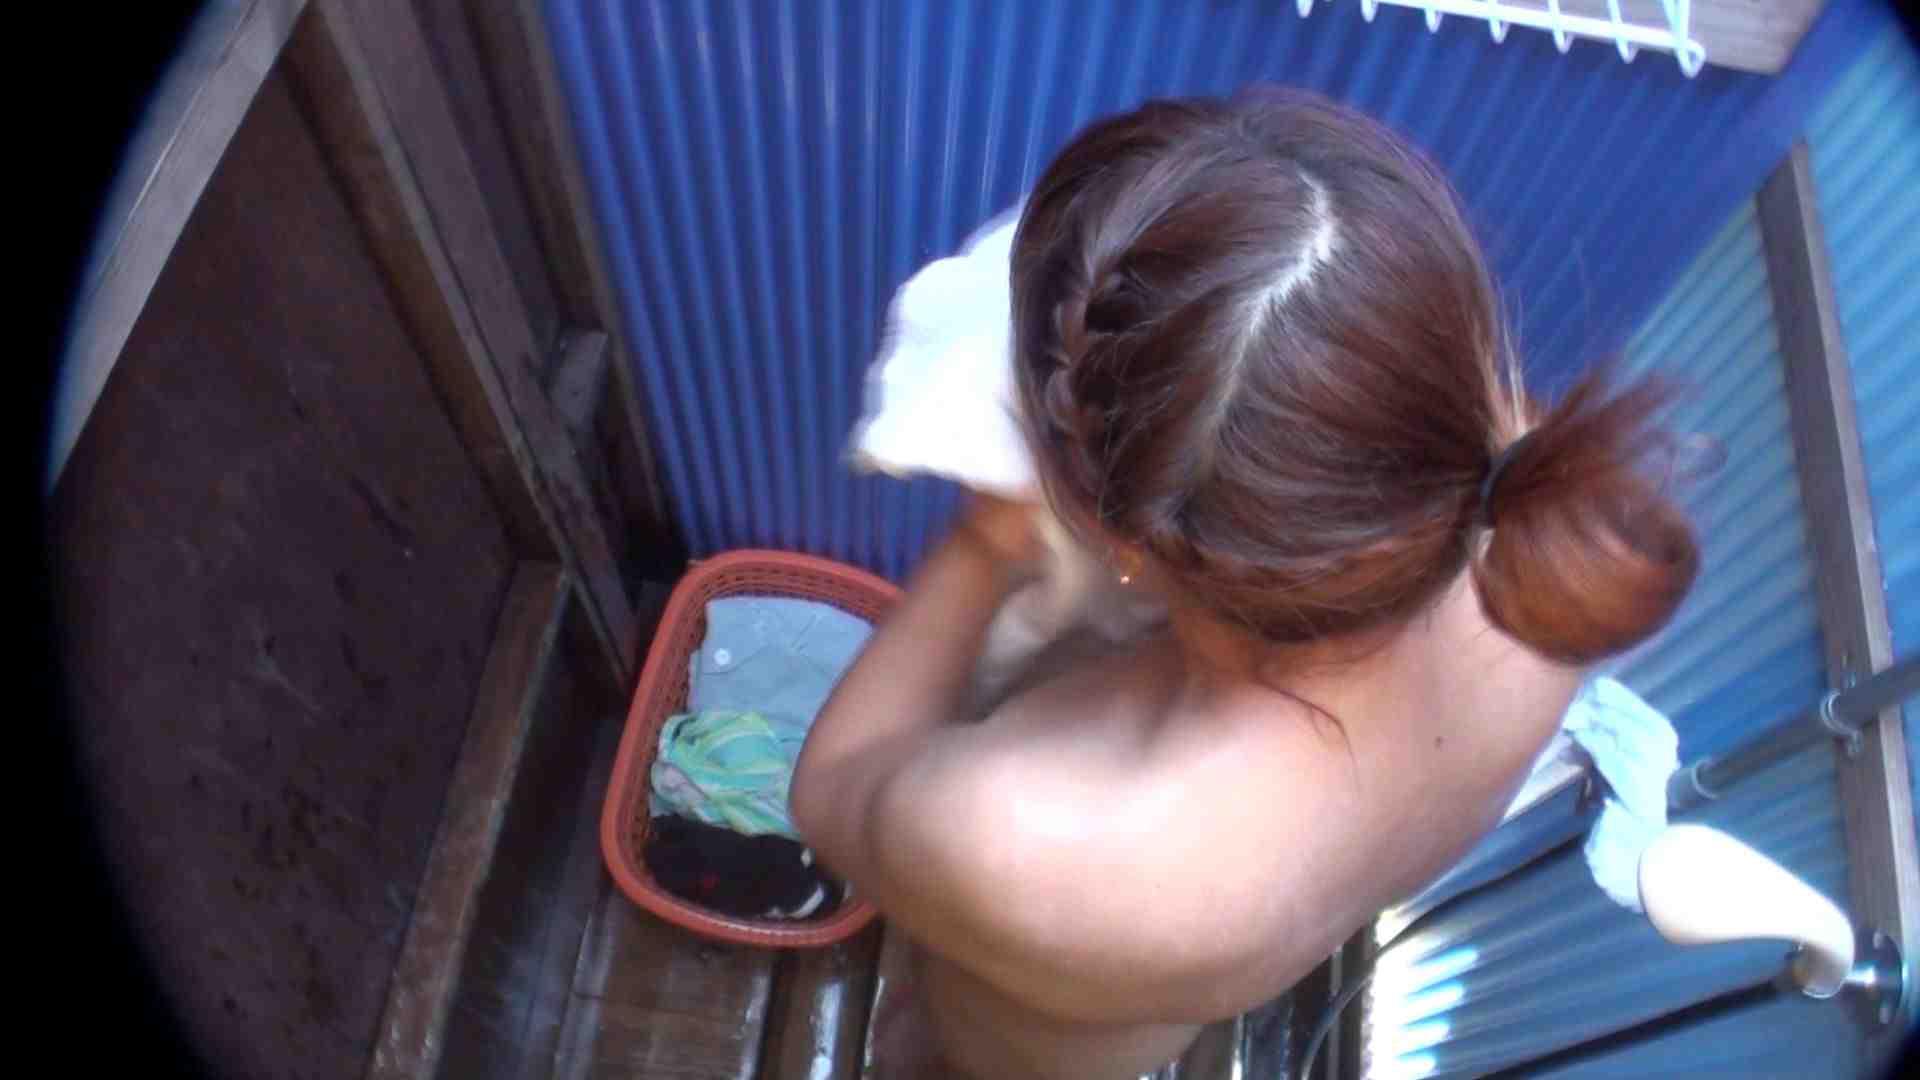 シャワールームは超!!危険な香りVol.18 幼児体型なムッチリギャル シャワー 盗み撮り動画キャプチャ 59連発 7